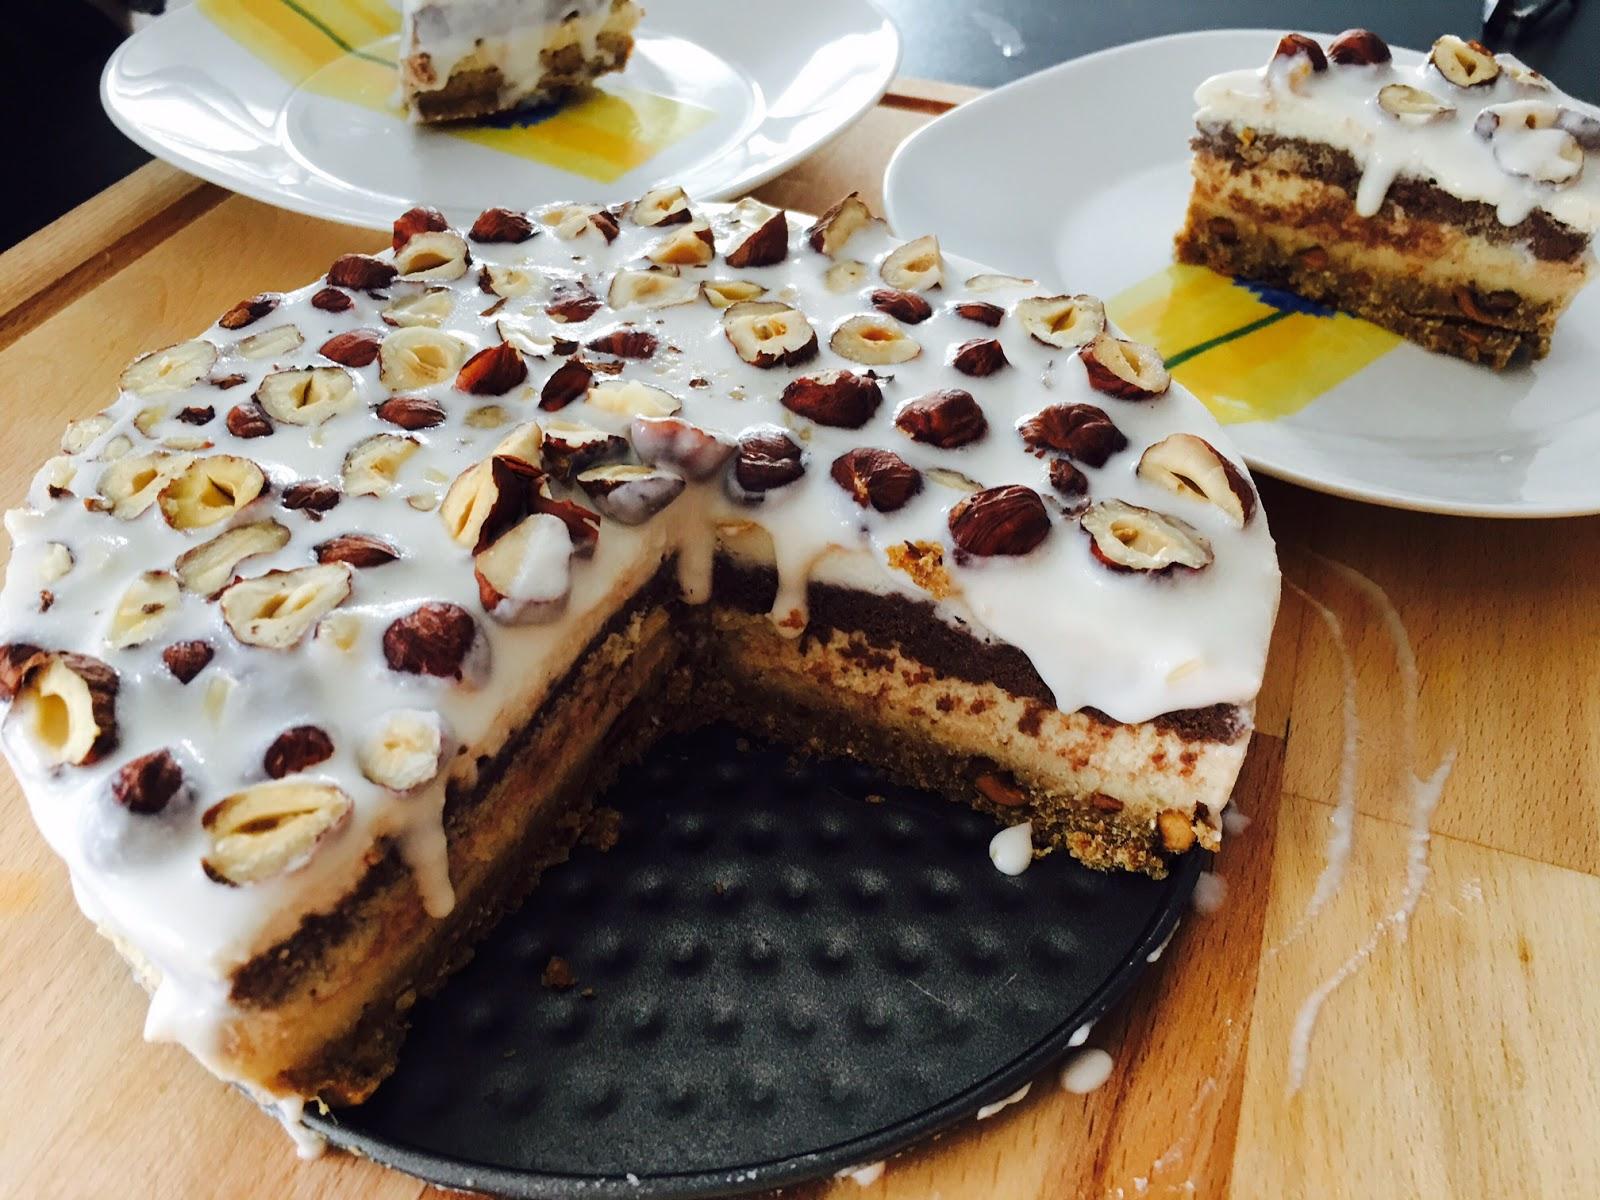 Kinder Bueno Cake (6)